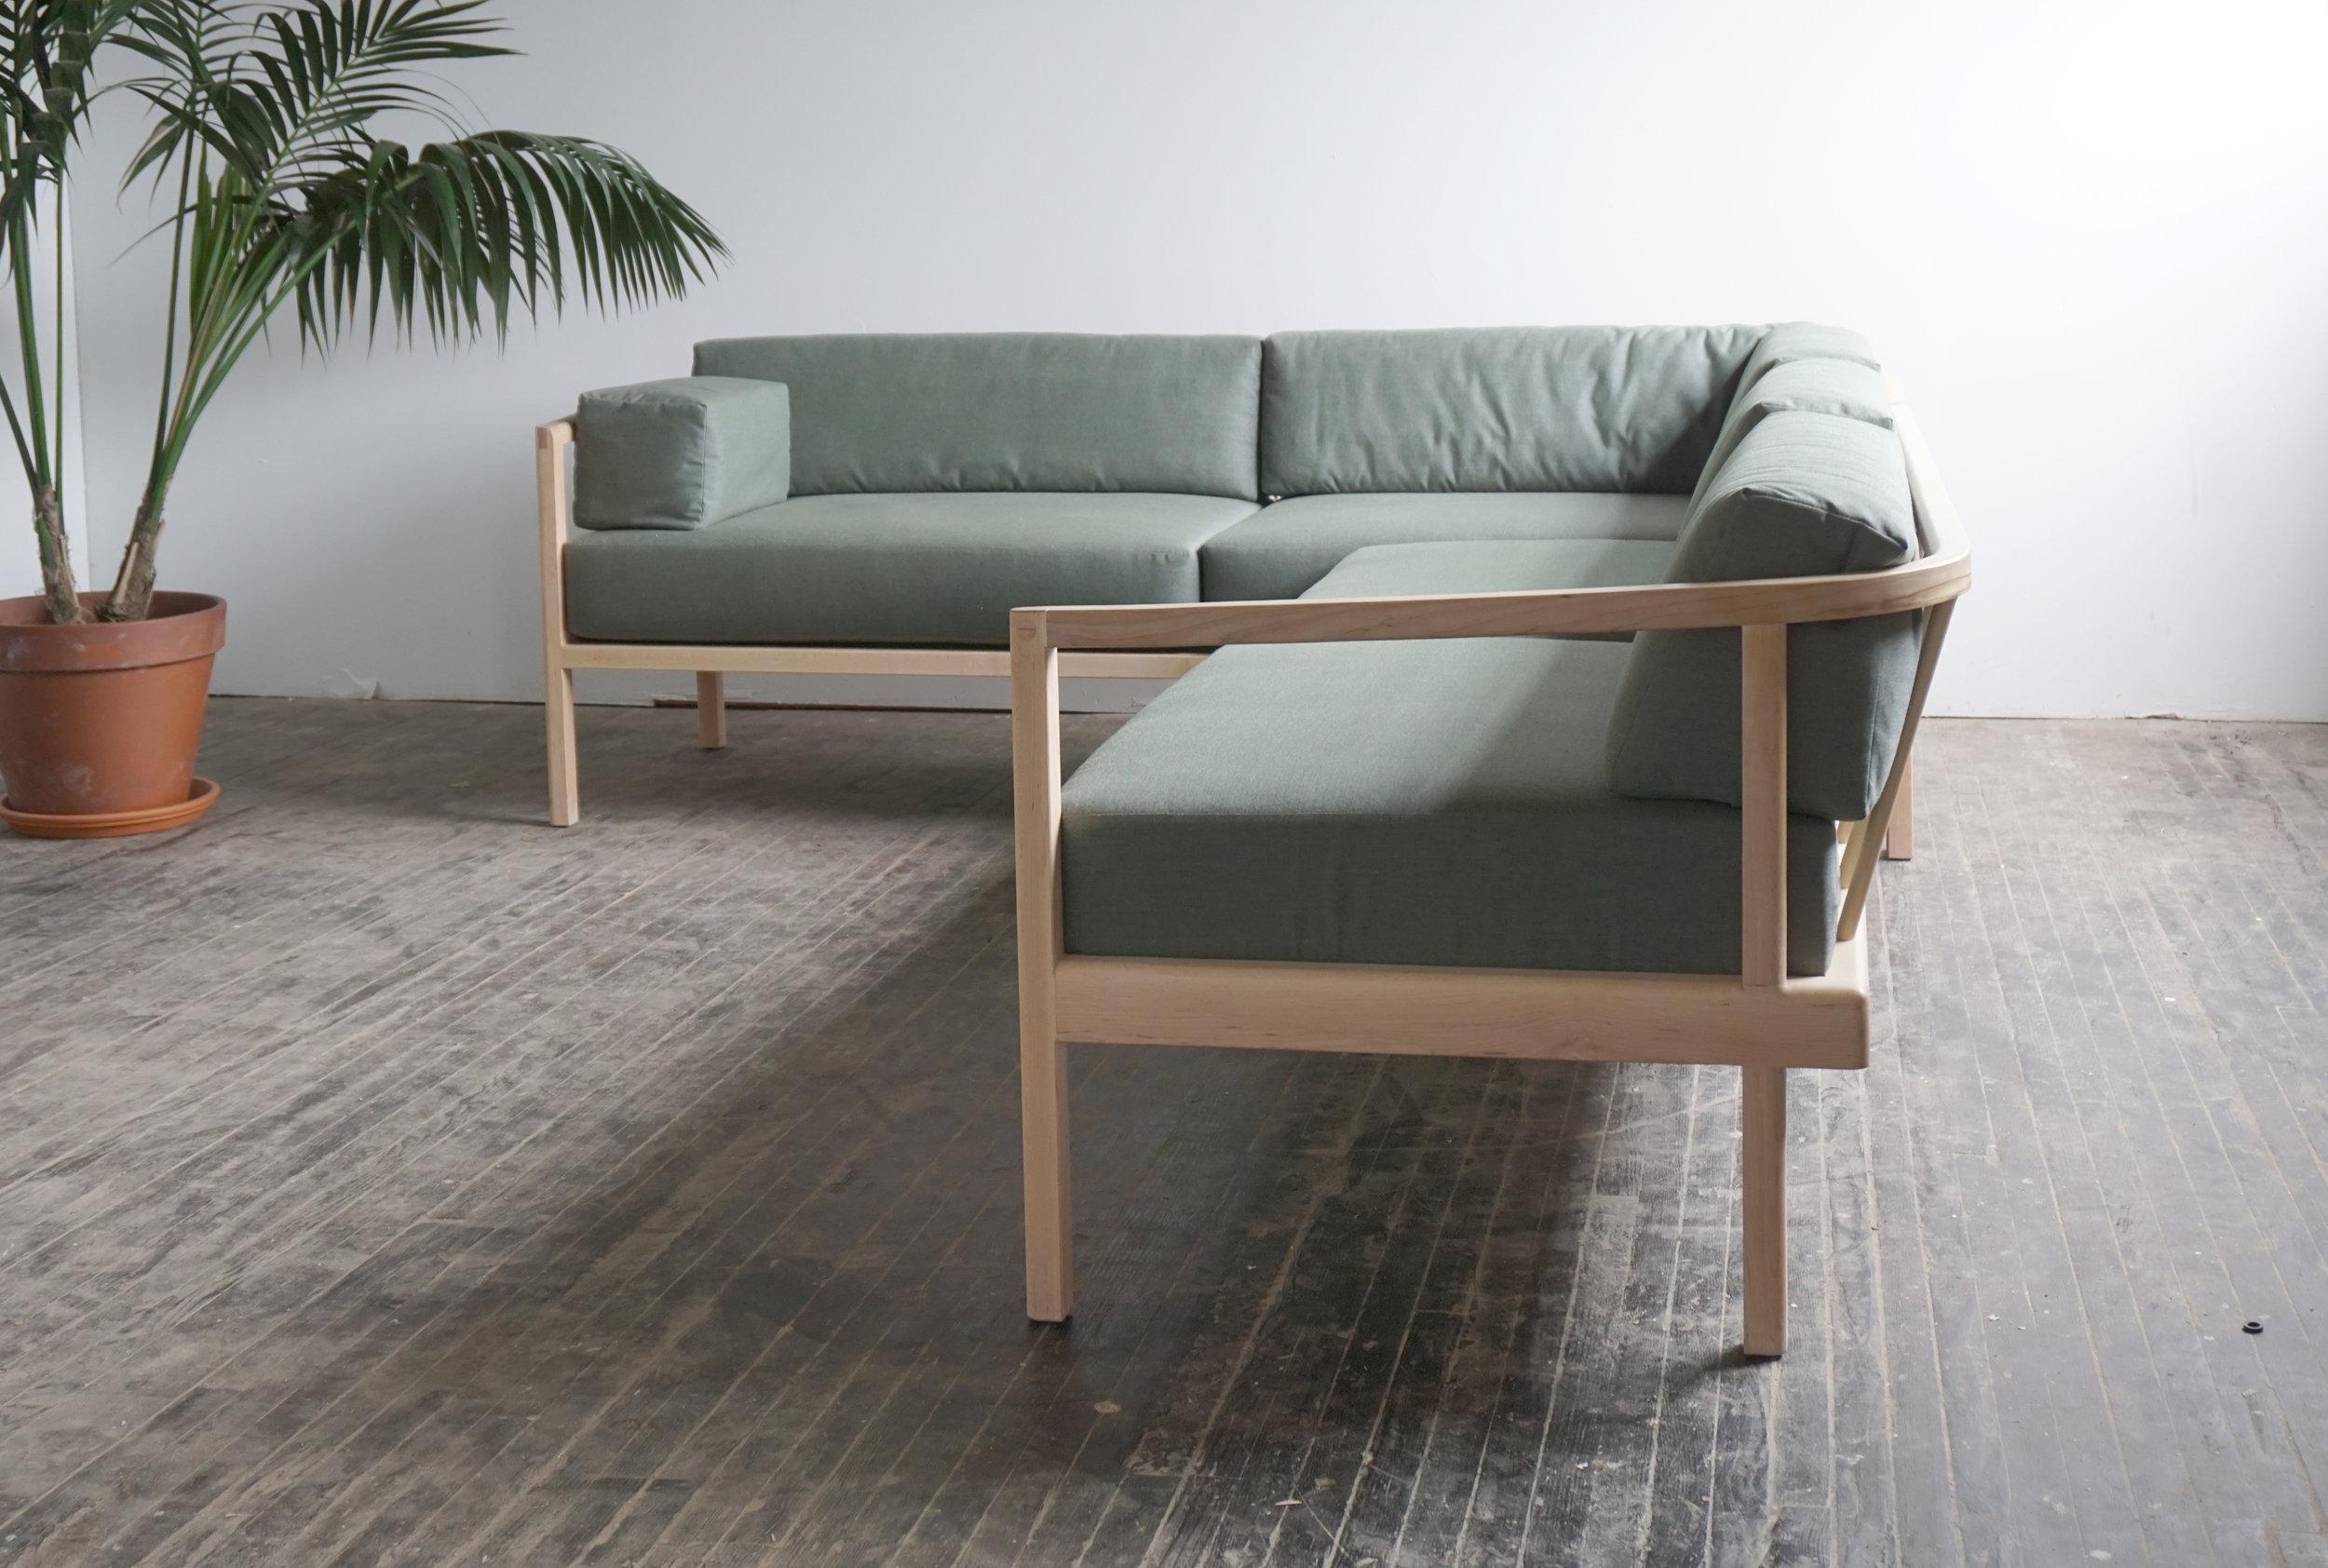 hobart sofa sectional.jpg